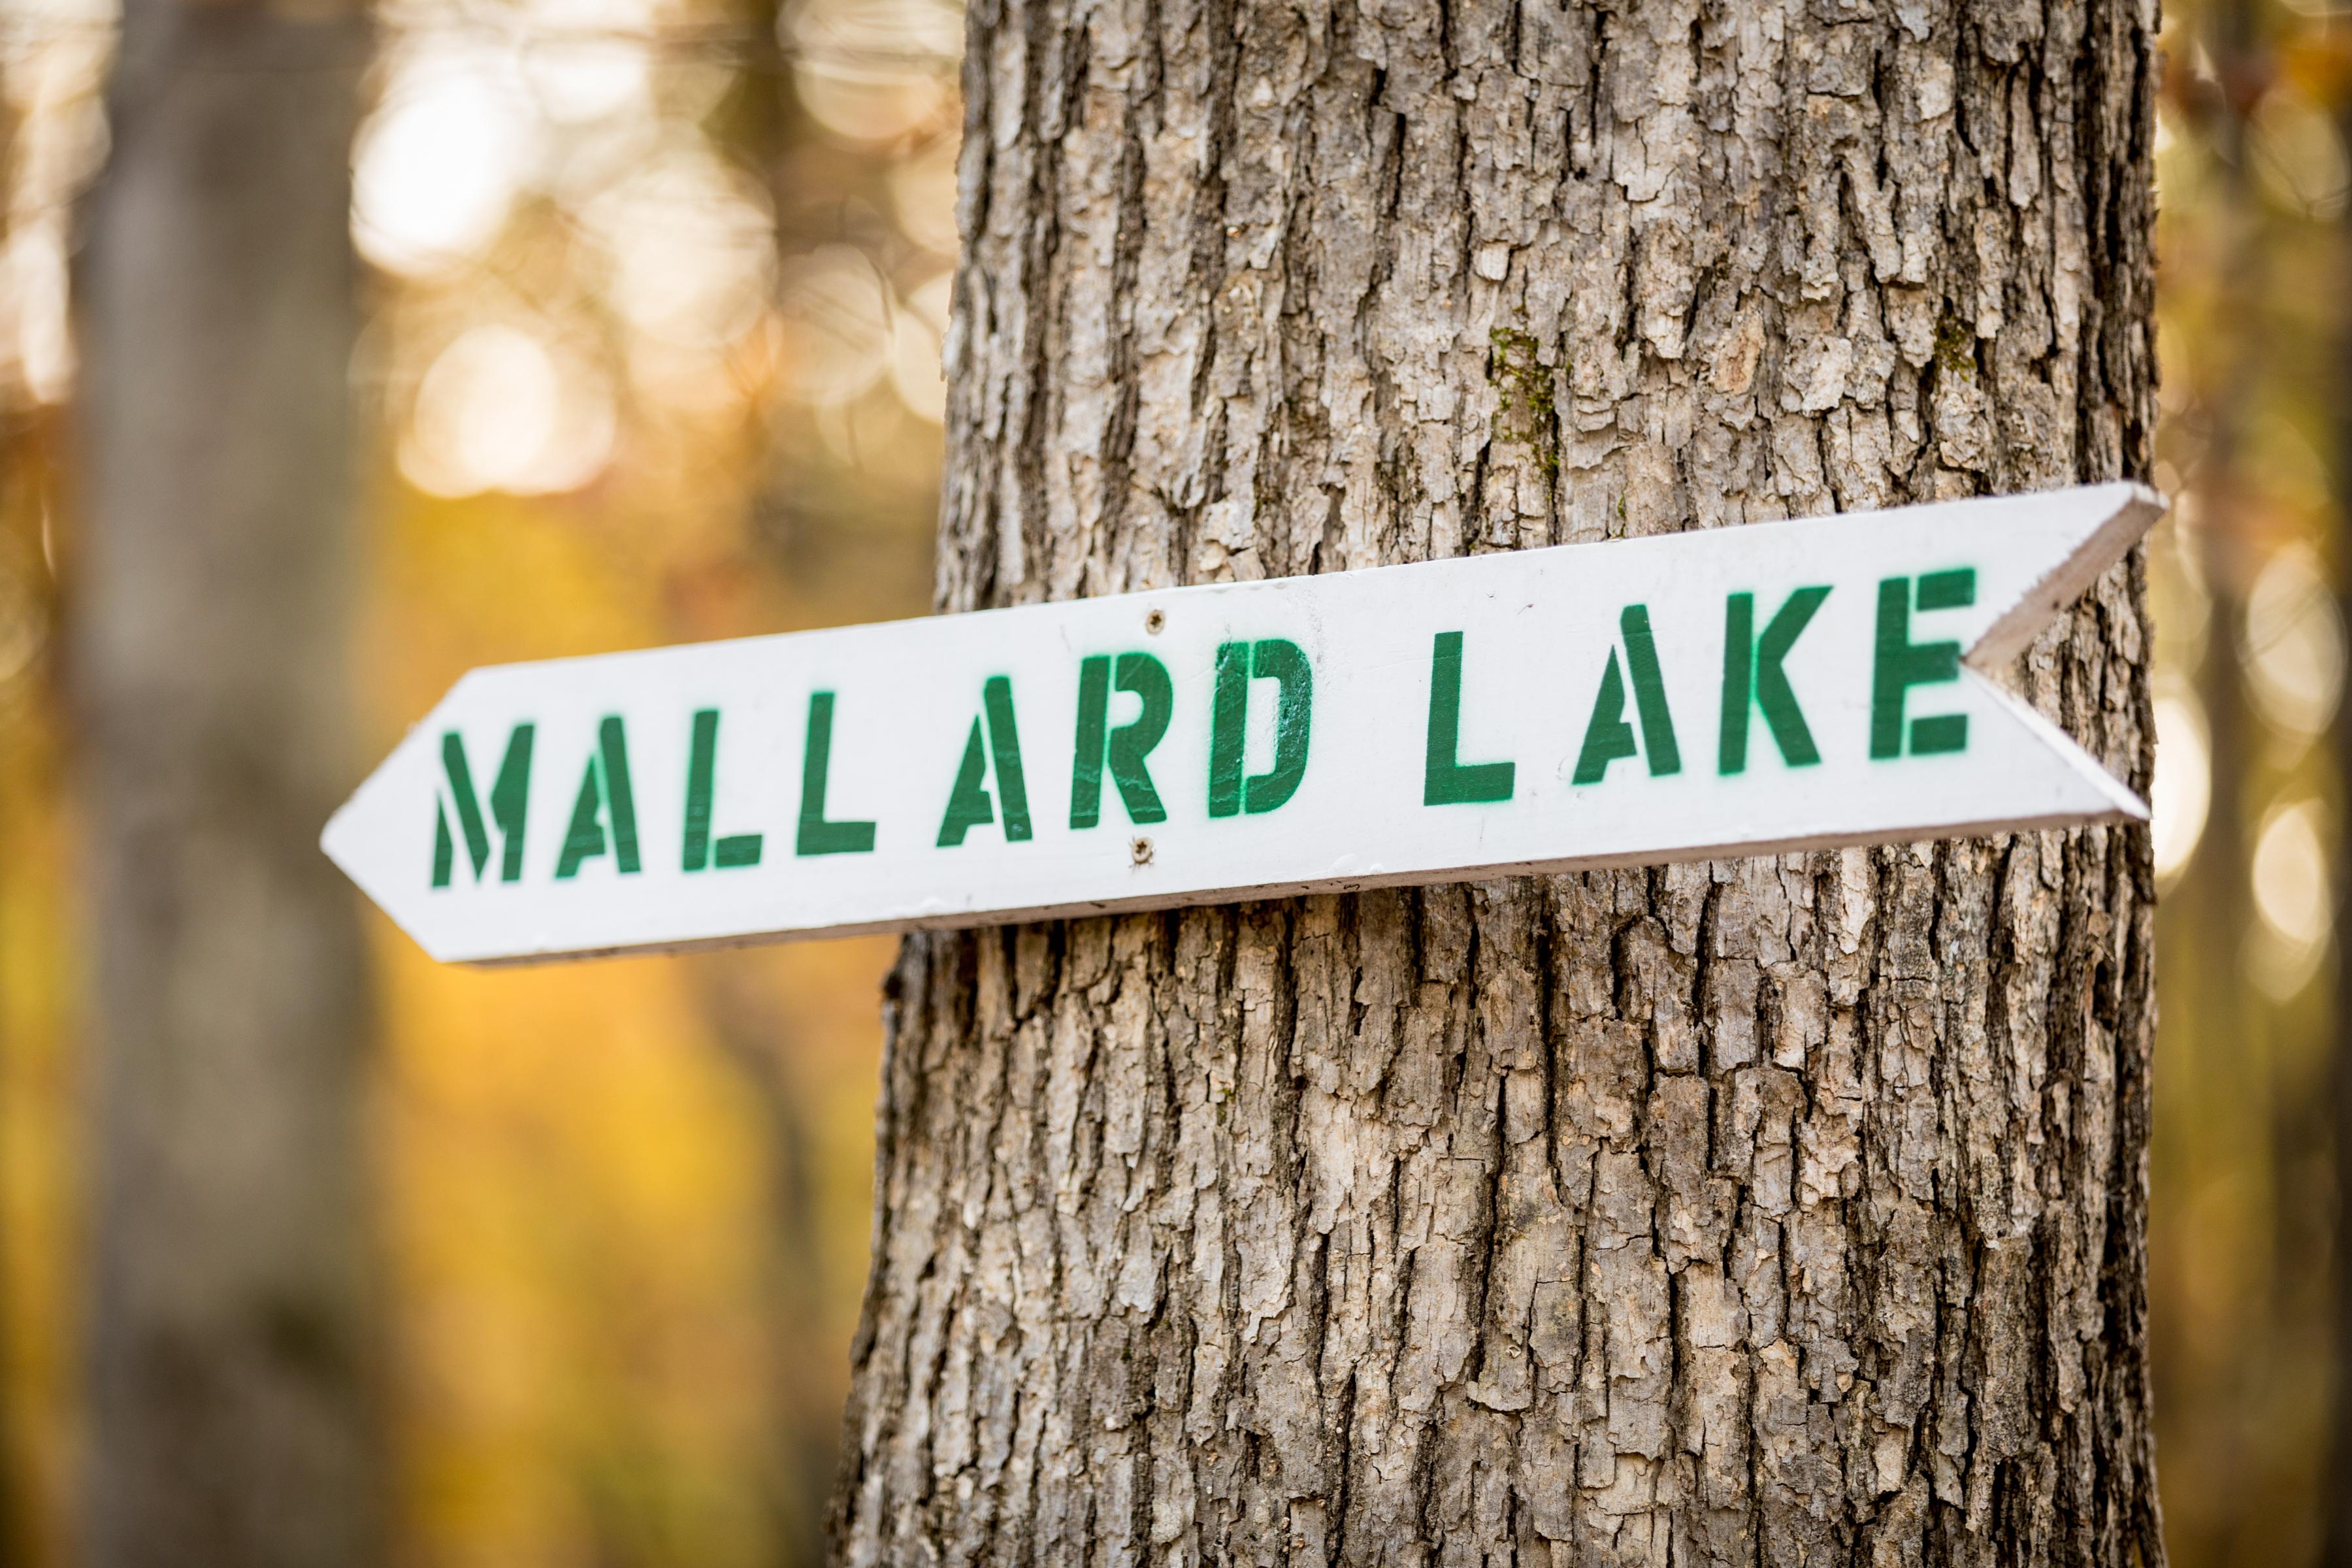 Mallard Lake Sign at Escape Village